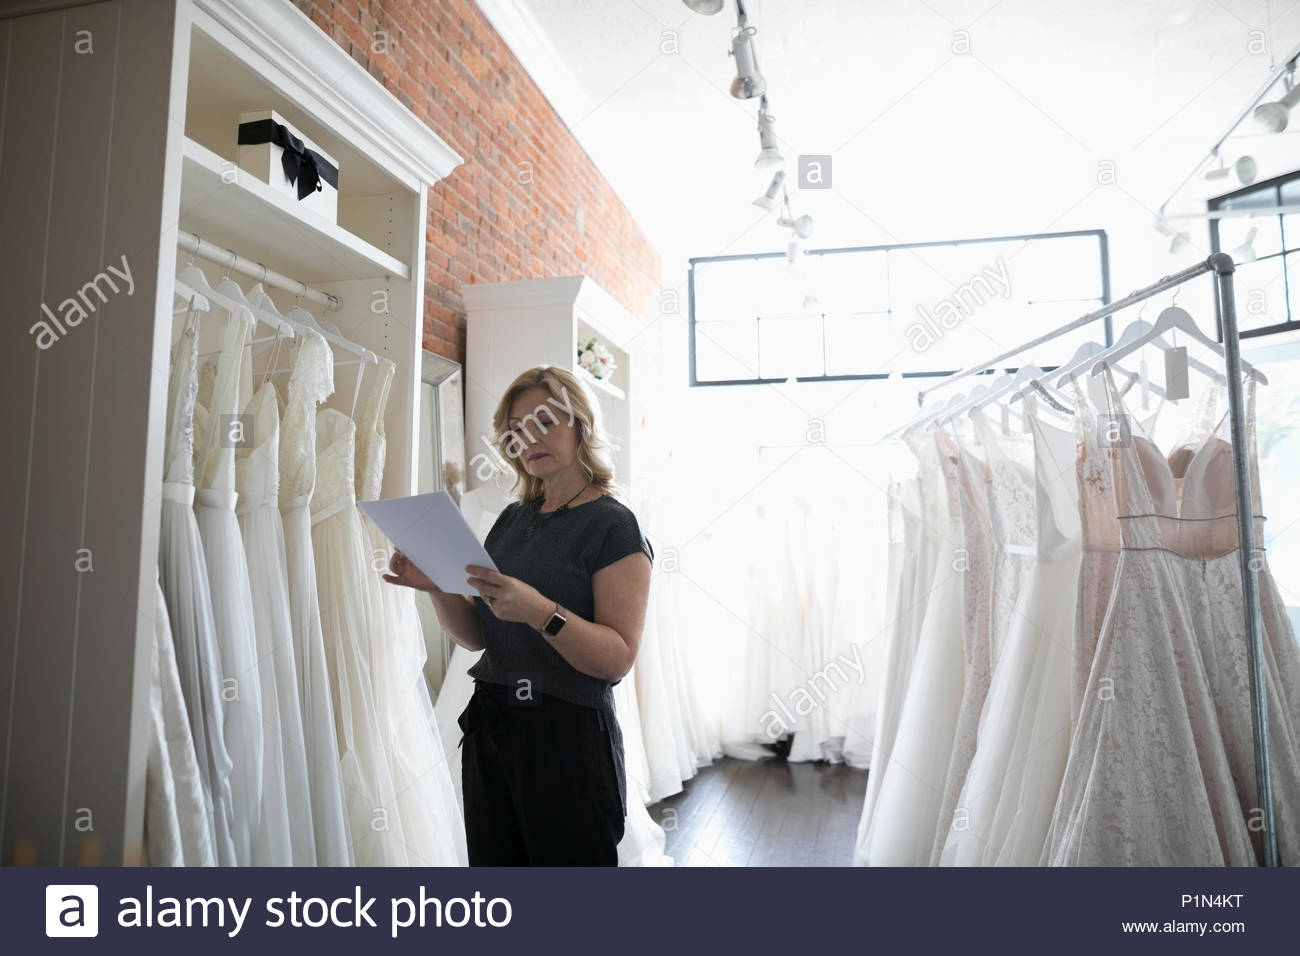 Bridal boutique controllo proprietario abito da sposa inventario Immagini Stock